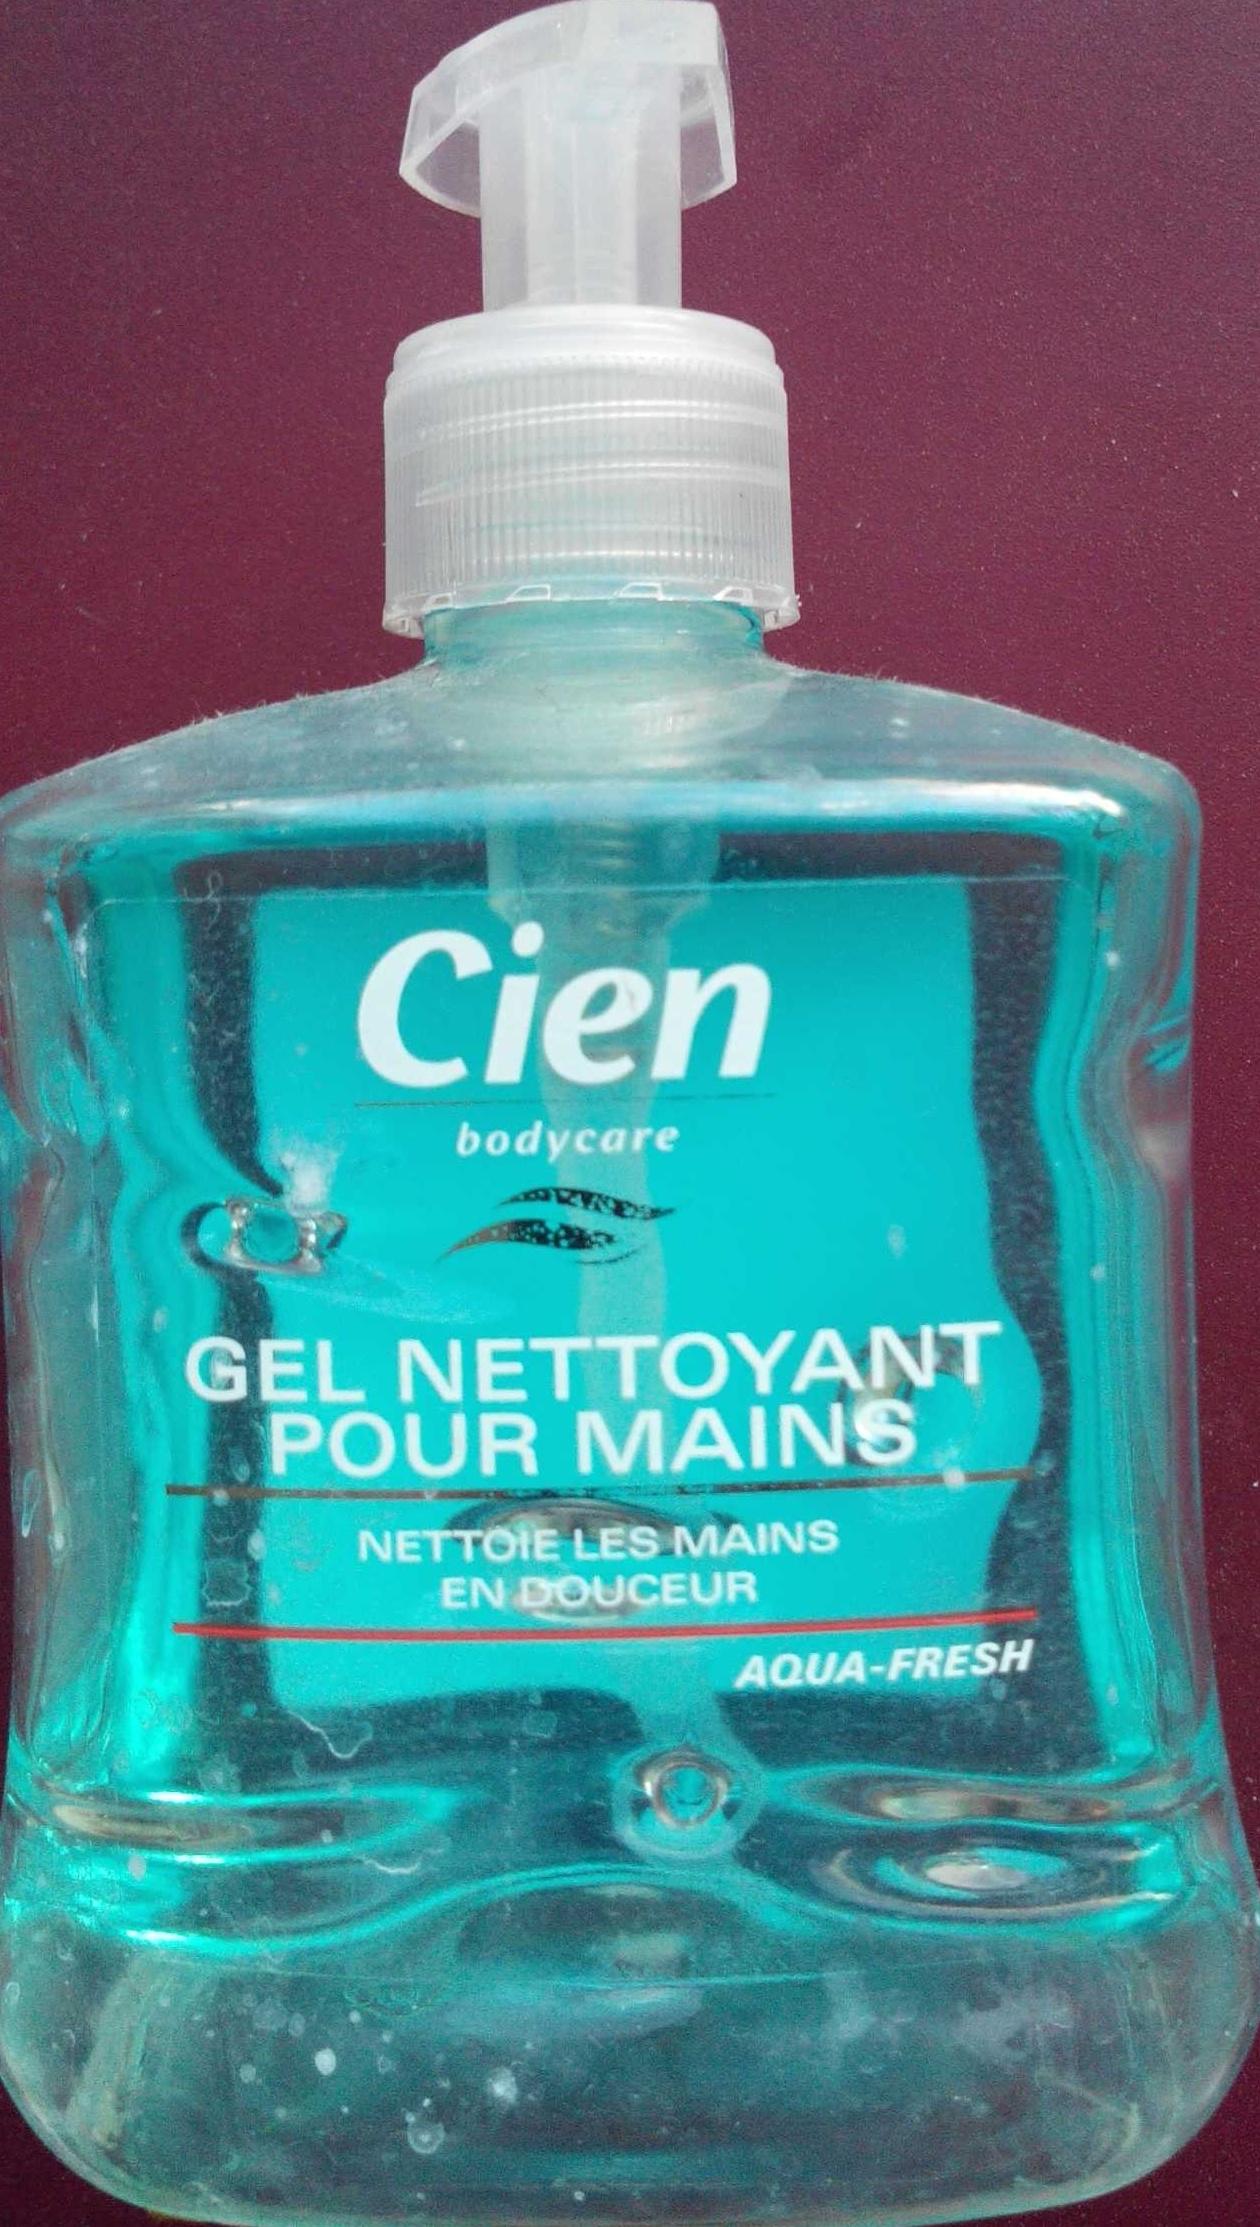 Gel nettoyant pour mains Aqua-fresh - Produit - fr